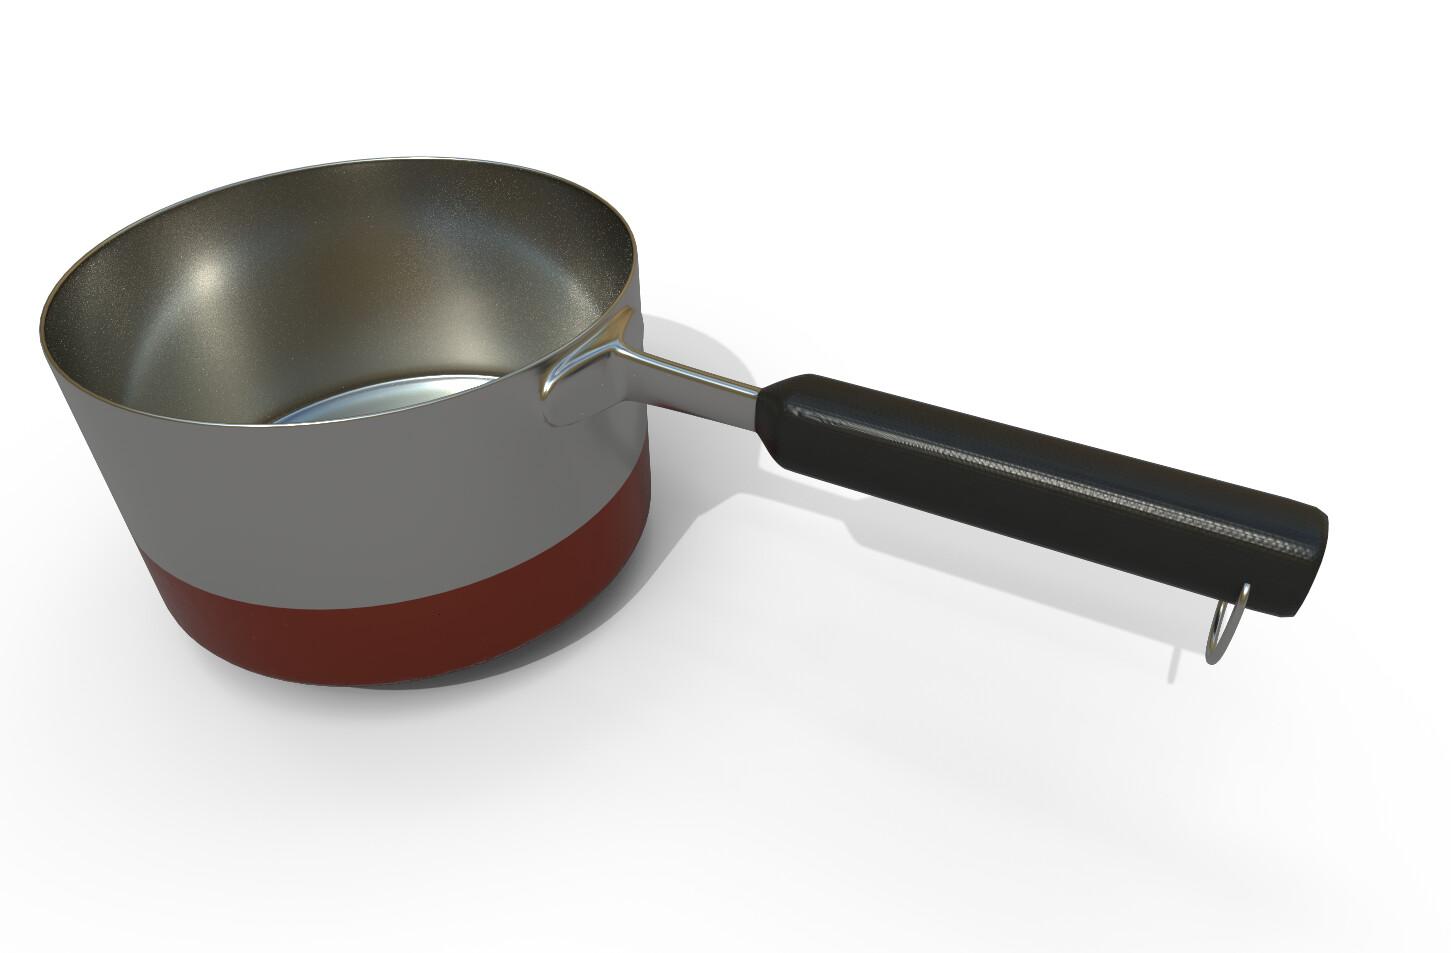 Joseph moniz cookingpan001d